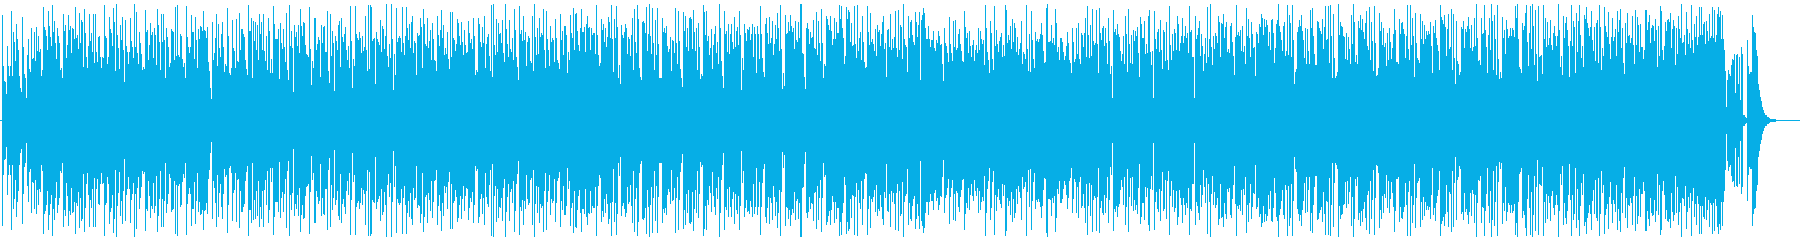 loop的音楽、Saxメロ、弾んで楽しいの再生済みの波形